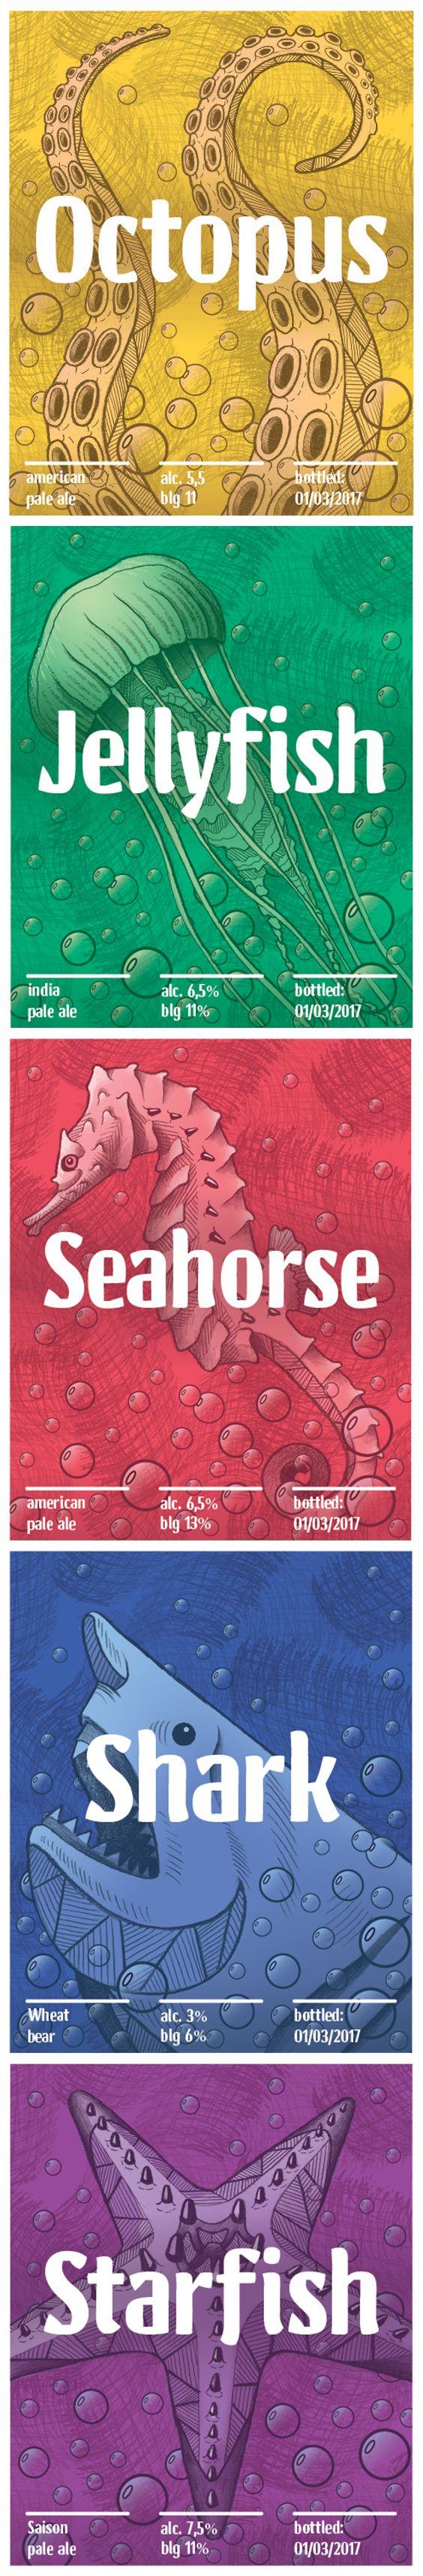 Beer design labels, illustrations